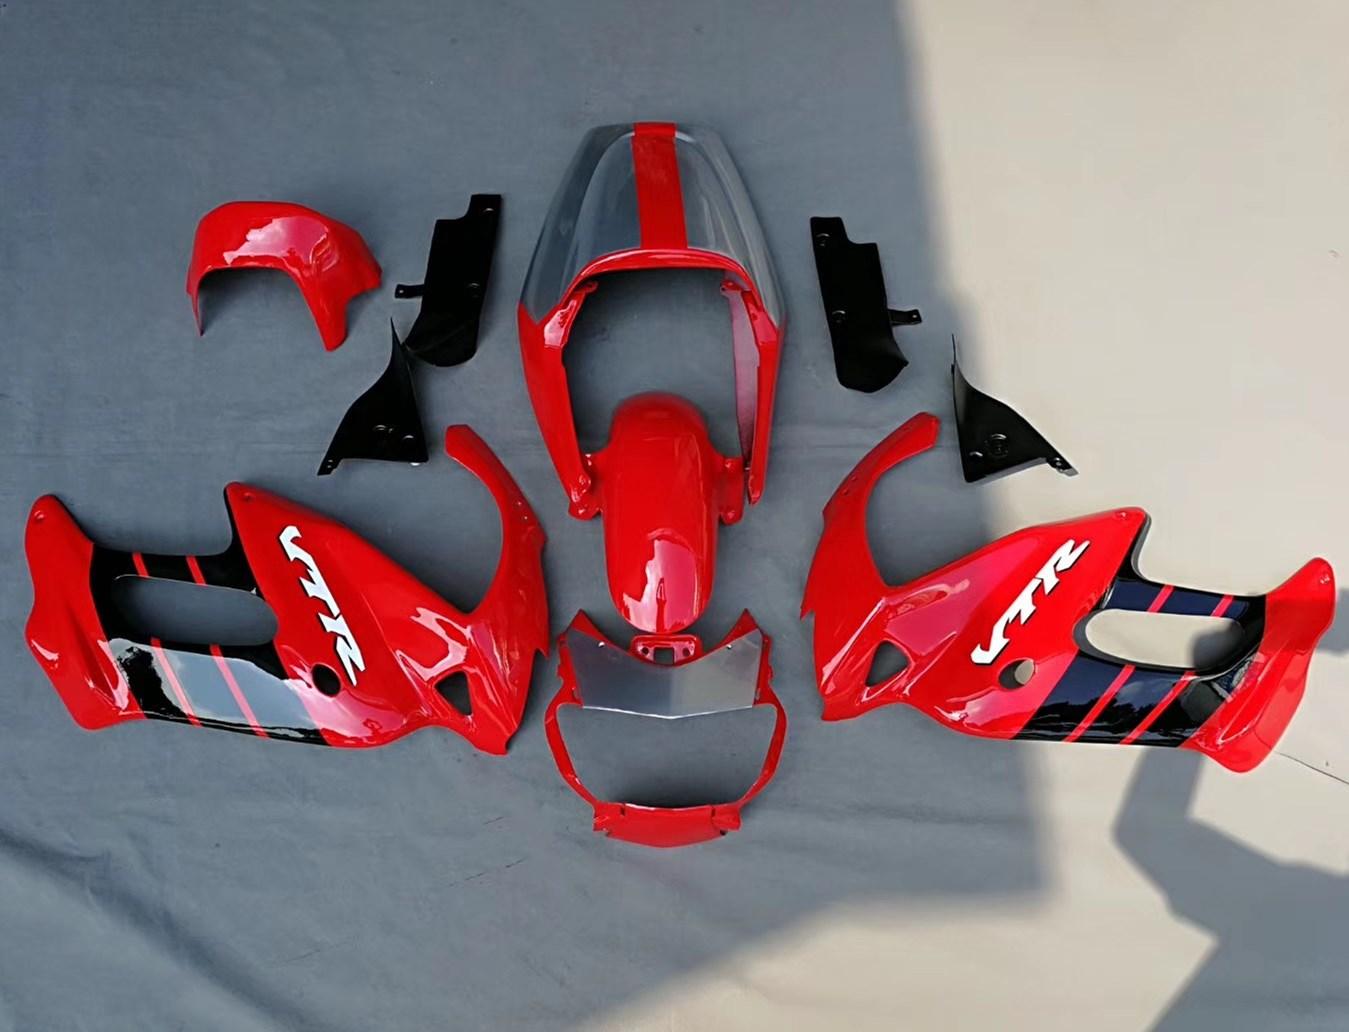 Motorcycle Fairing Kit Bodywork For Honda VTR1000F VTR 1000F 1997 - 2005 VTR 1000 F 97 -05 Red Fairings Cowl Injection Molding hot sales for honda vtr1000f 1997 2005 vtr 1000 f 97 98 99 00 01 02 03 04 05 vtr1000 f red aftermaket abs motorcycle fairing kit